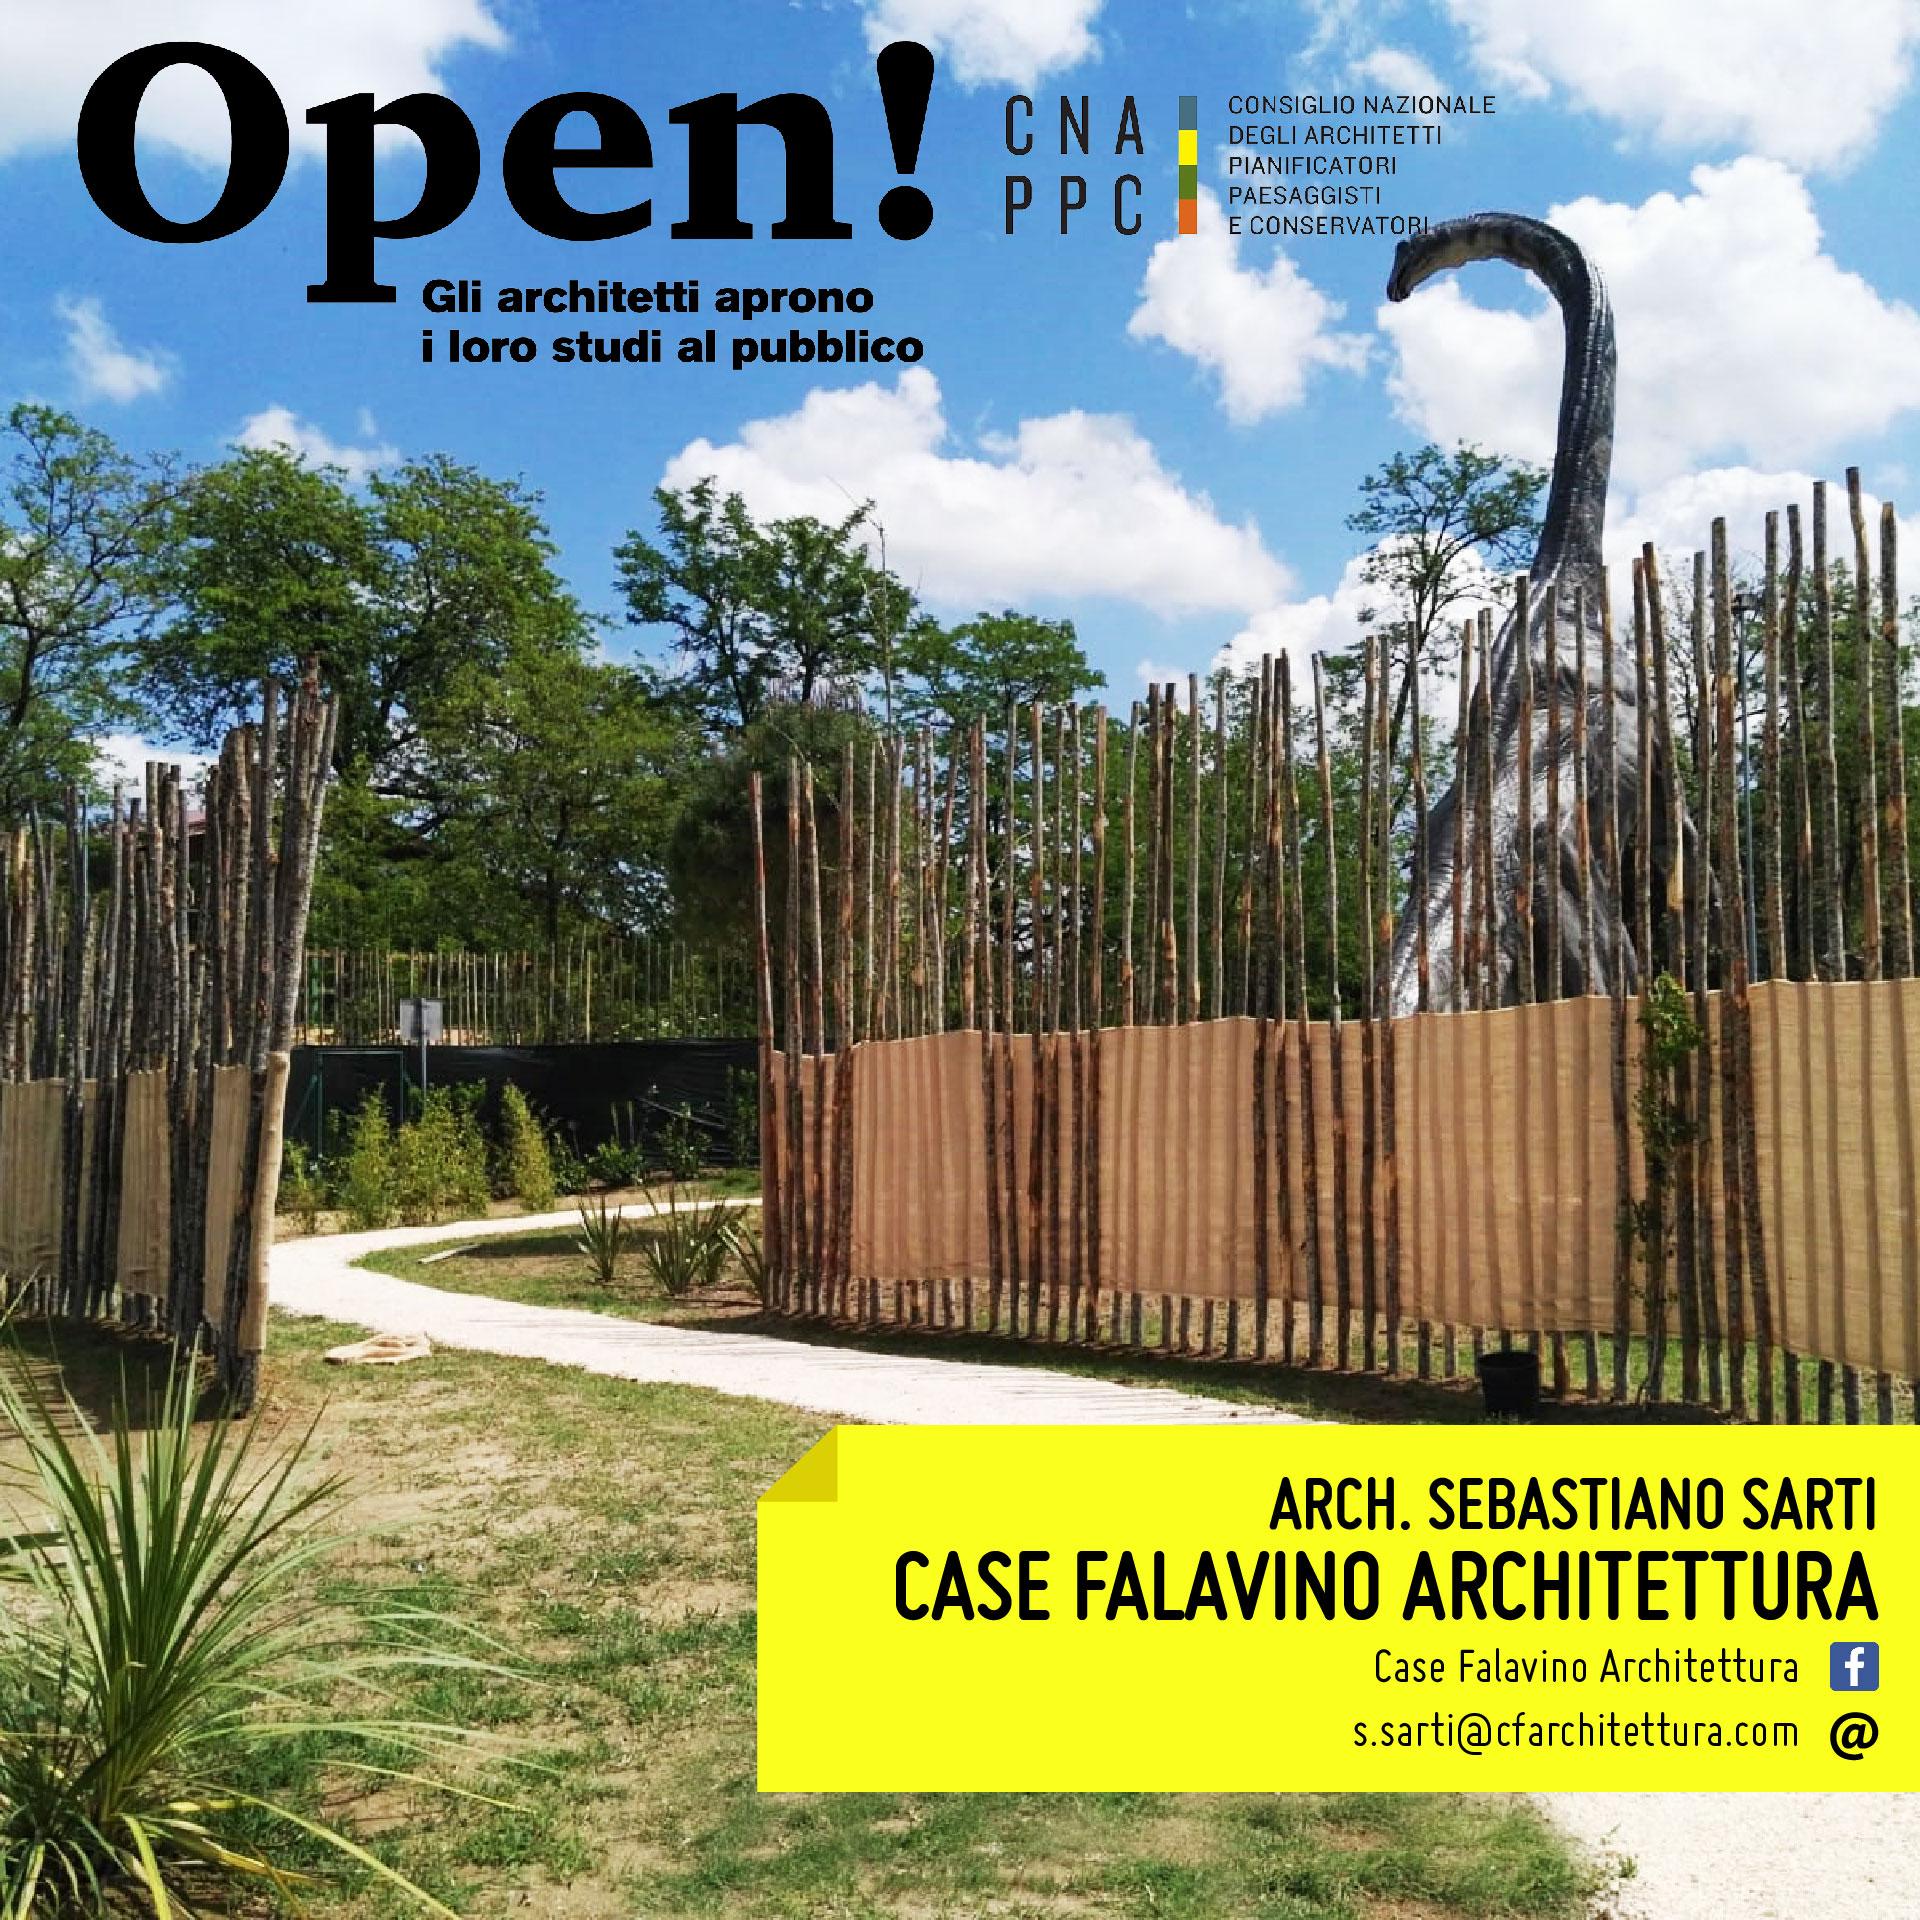 Esposizione dinosauri, Parco della Resistenza, San Lazzaro di Savena